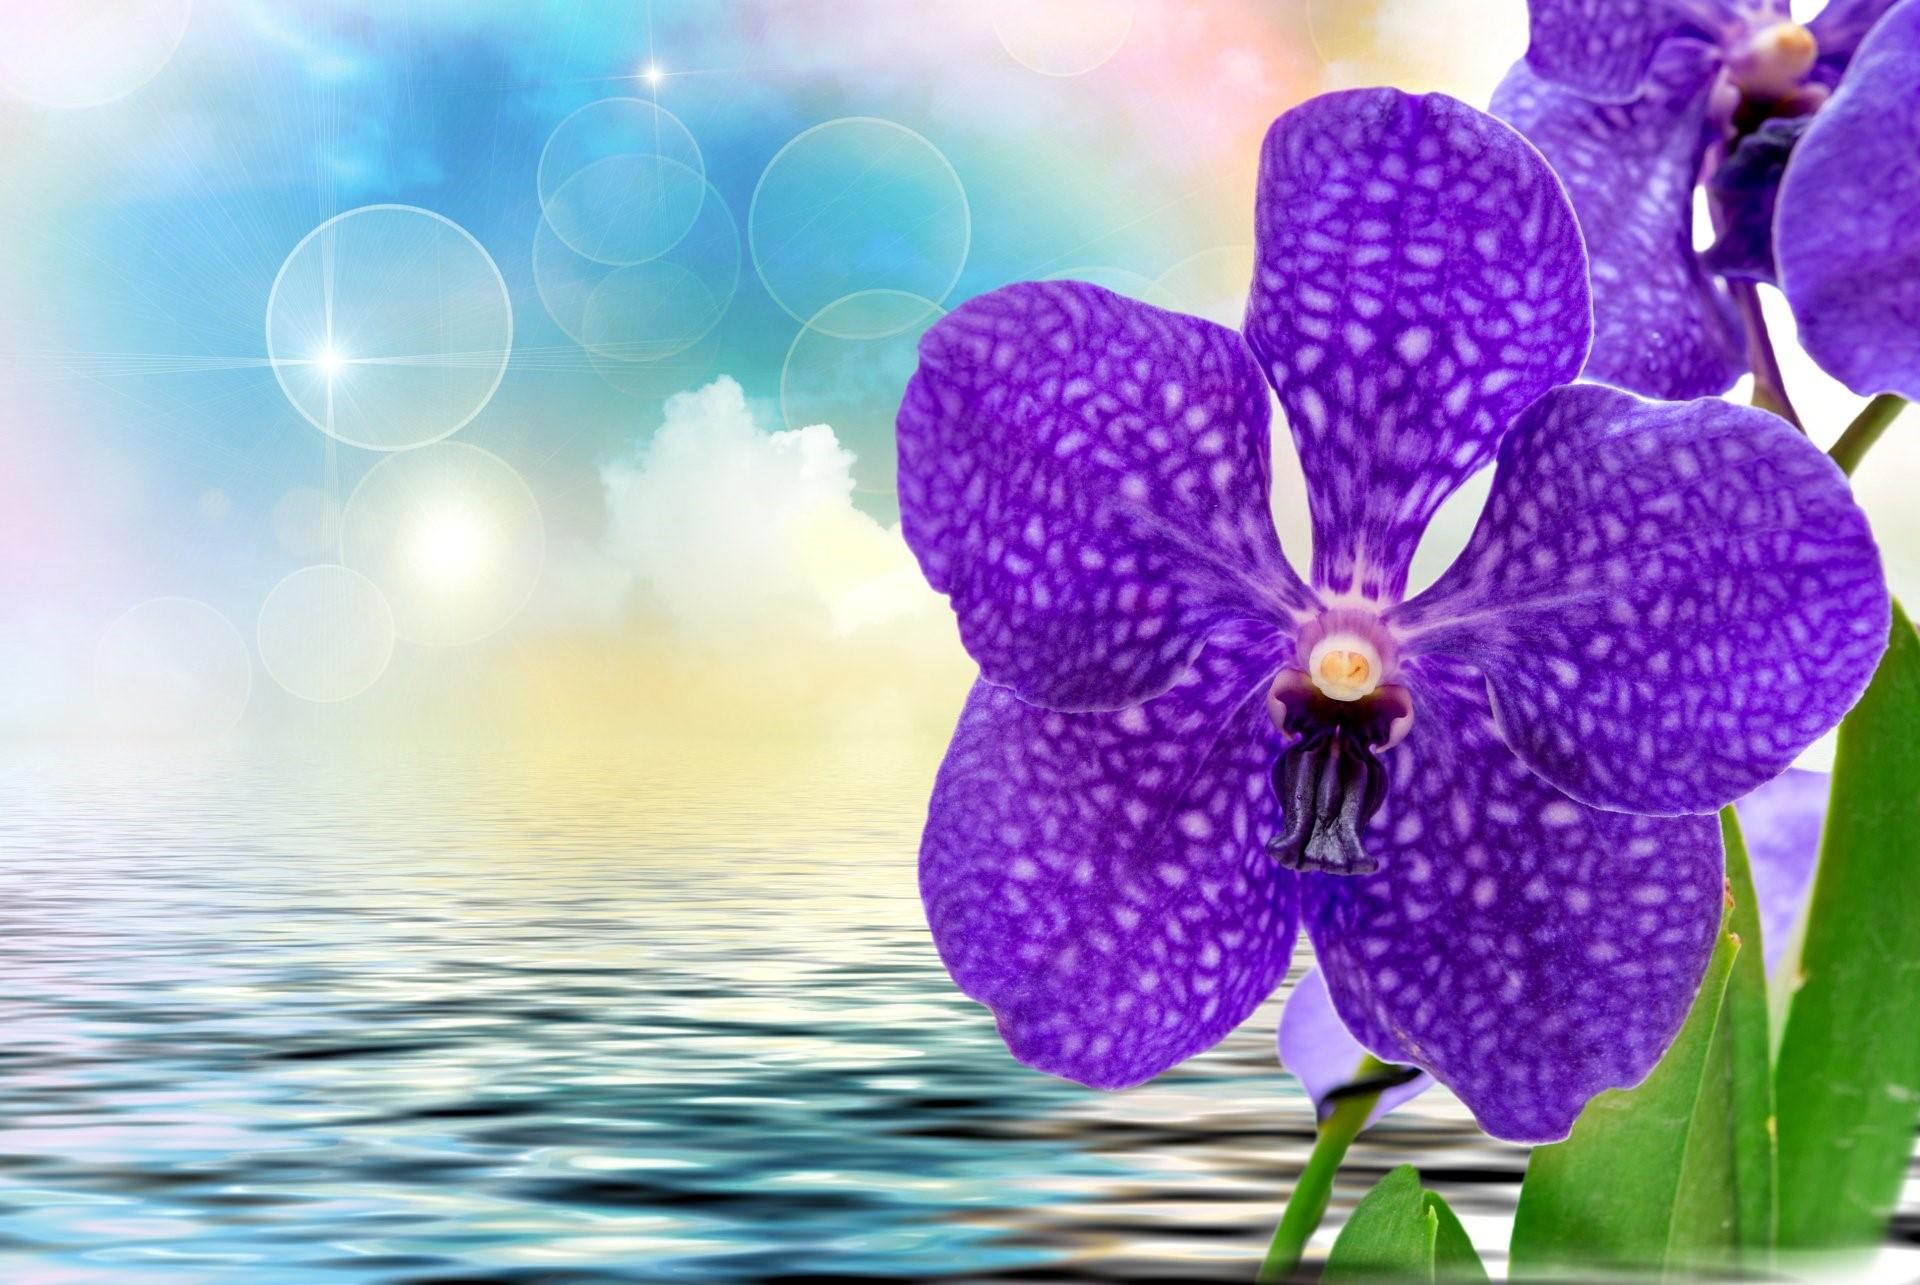 Hình nền hoa phong lan cho máy tính đẹp số 23